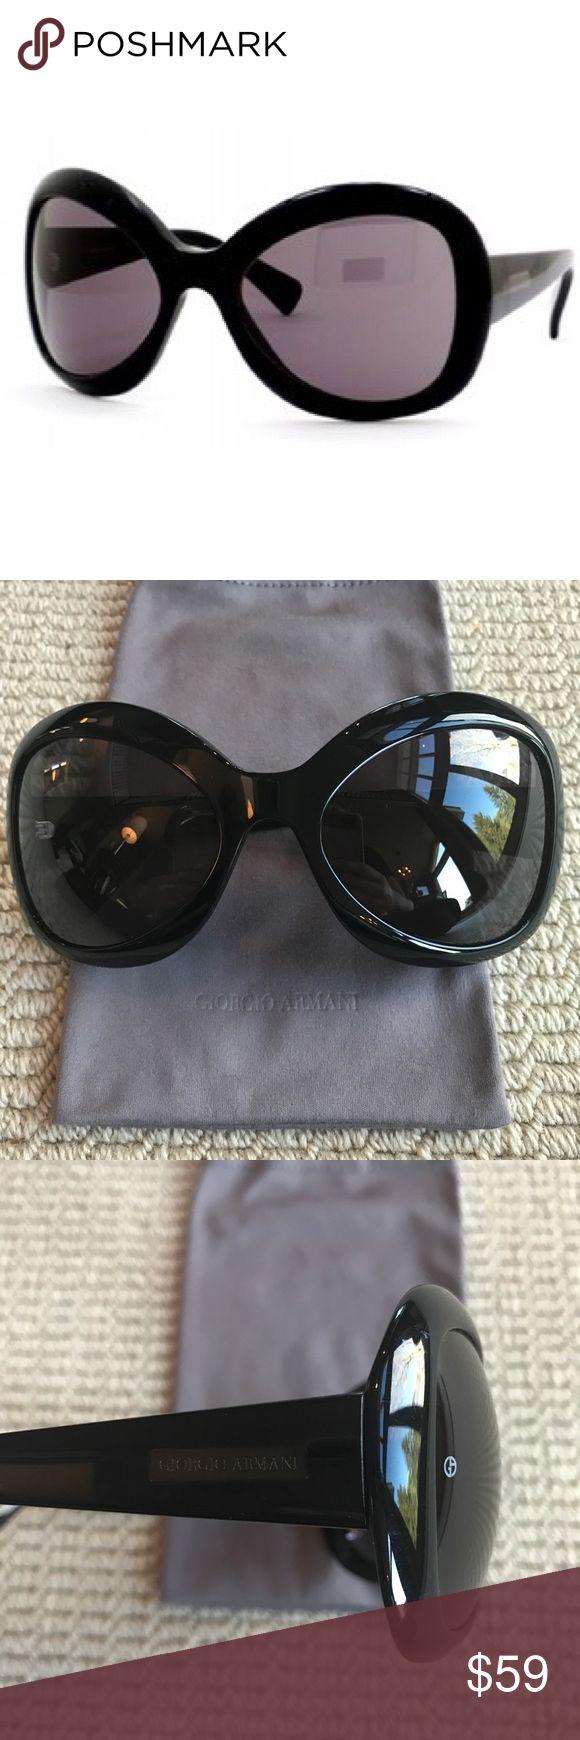 Giorgio Armani Black Butterfly Sunglasses Giorgio Armani black butterfly shaped sunglasses with smoke colored lenses. Style is 552/S color 807. Comes with original sunglasses bag. Giorgio Armani Accessories Sunglasses